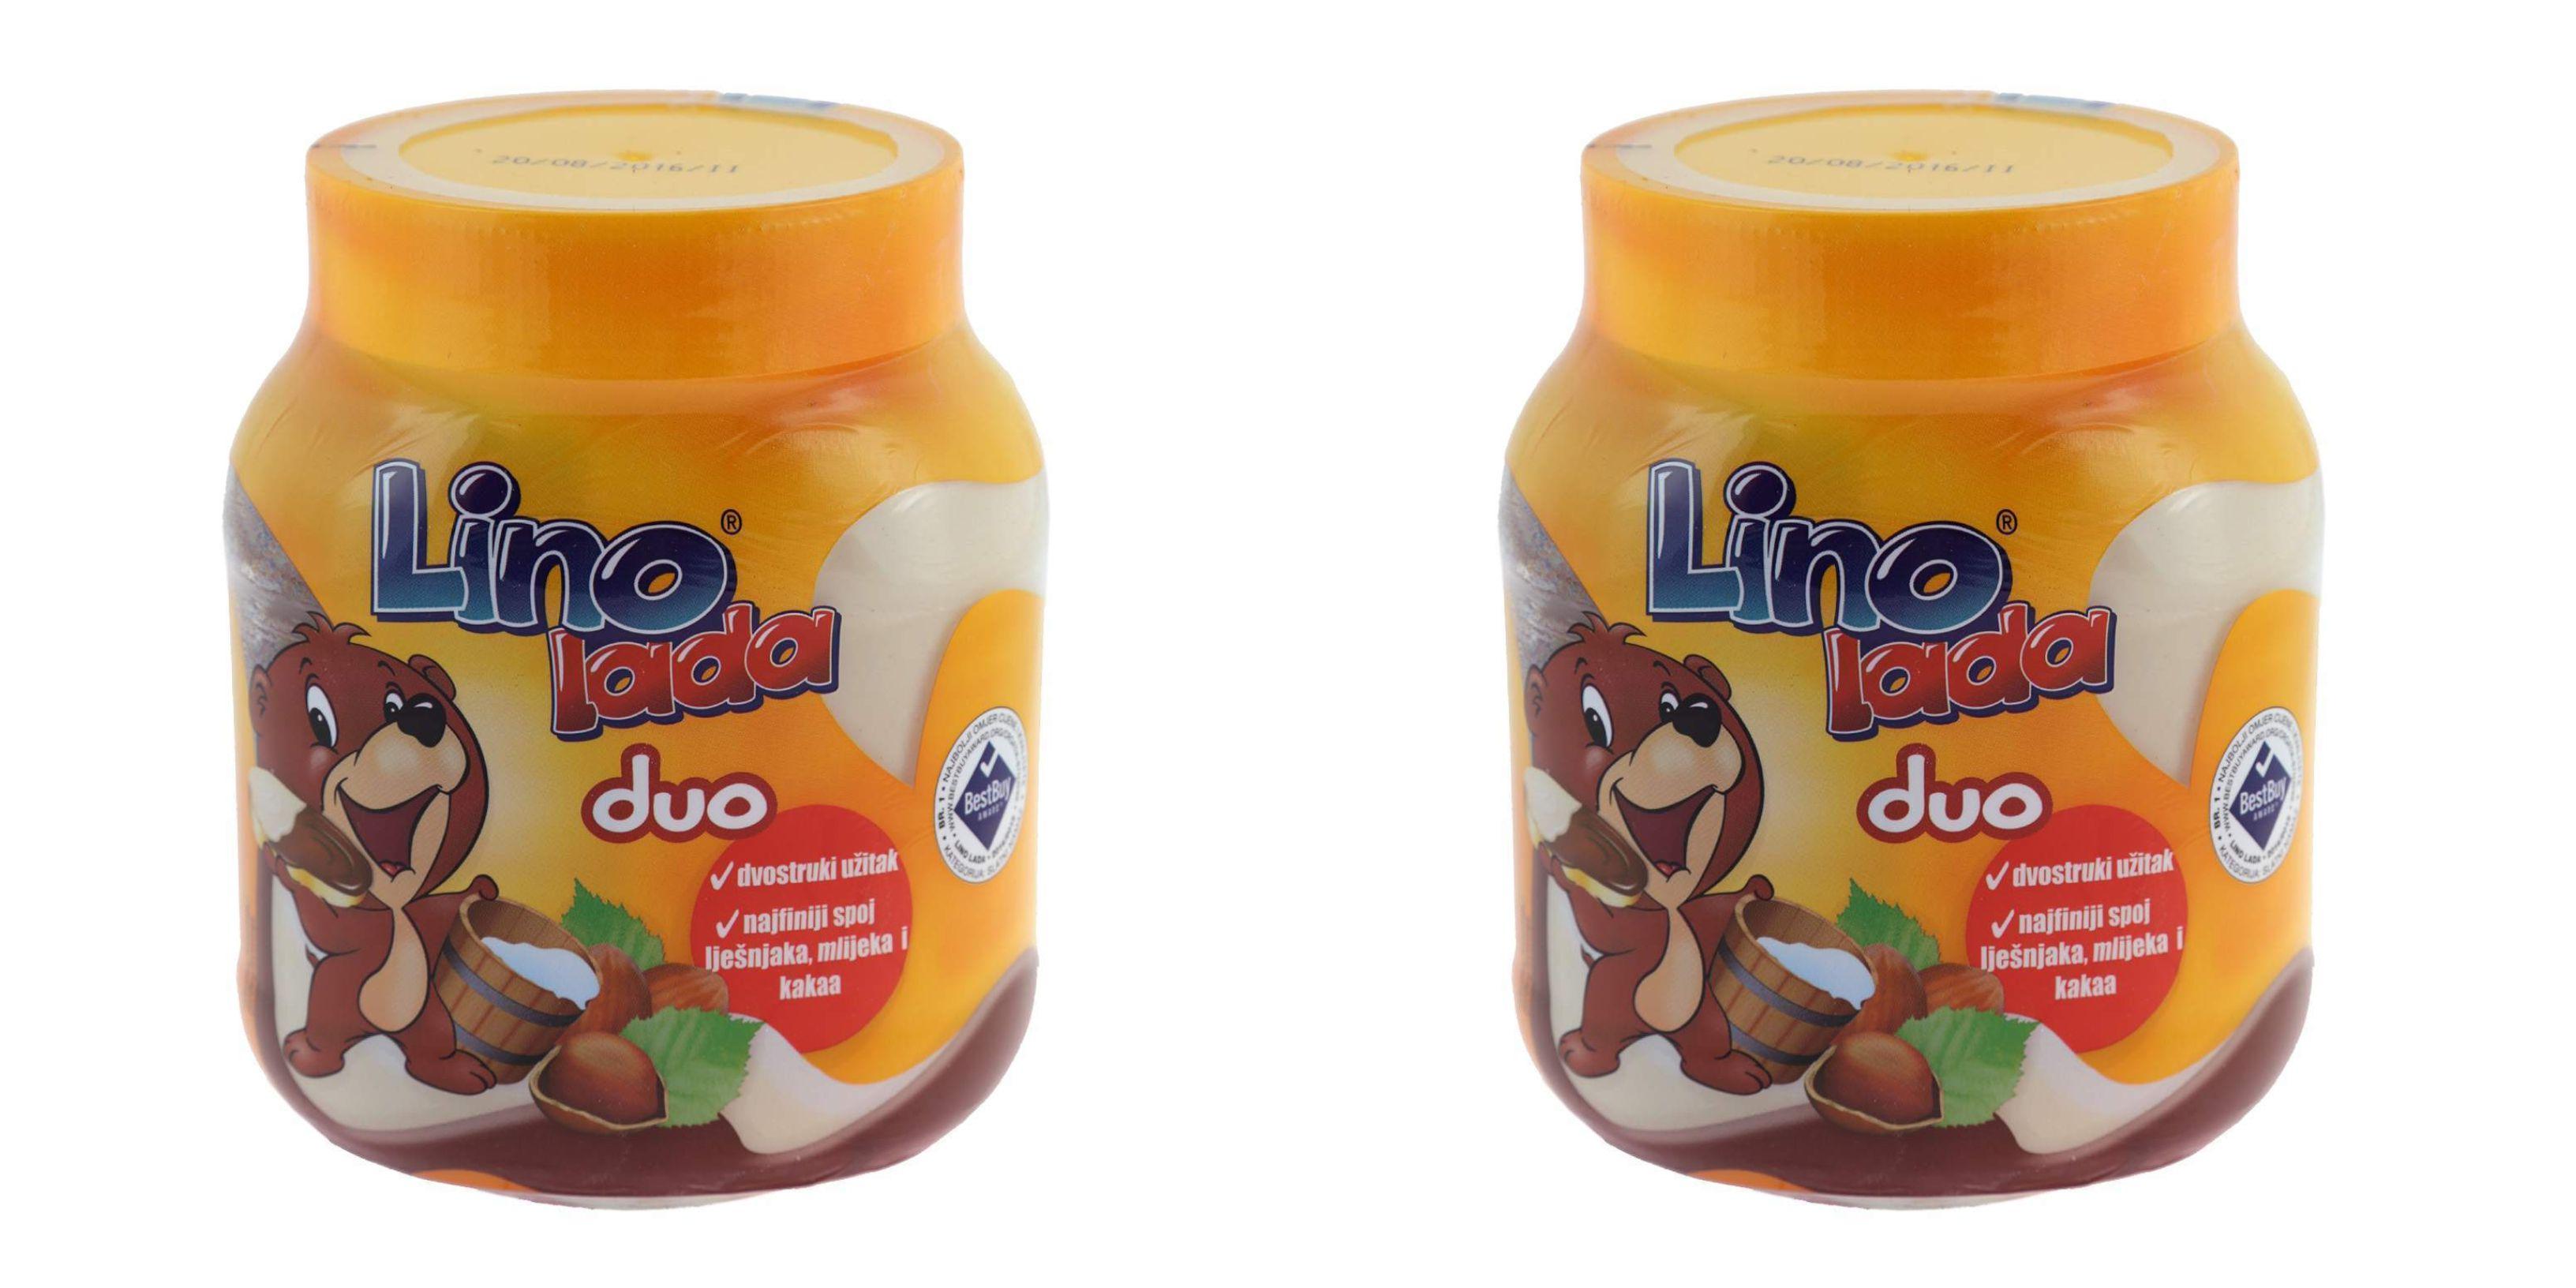 Proljeće je upravo postalo super: Odlične vijesti - stiže nam Lino Lada sladoled!